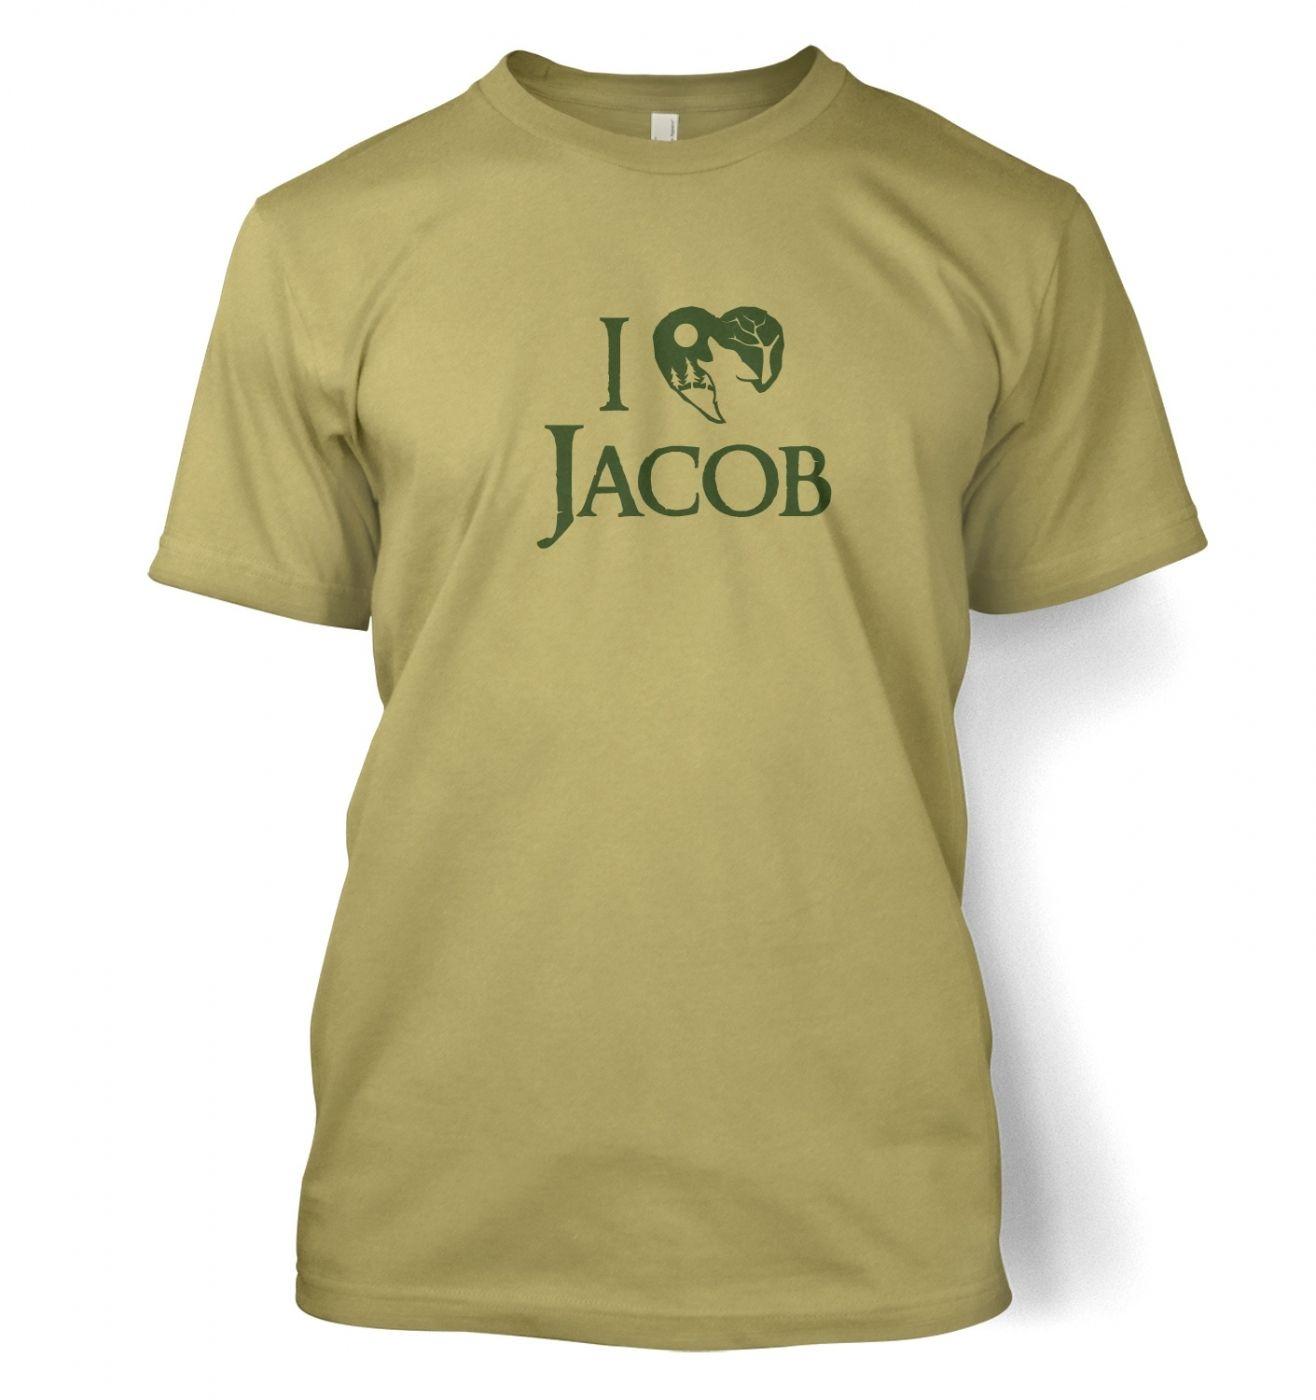 I Heart Jacob men's t-shirt